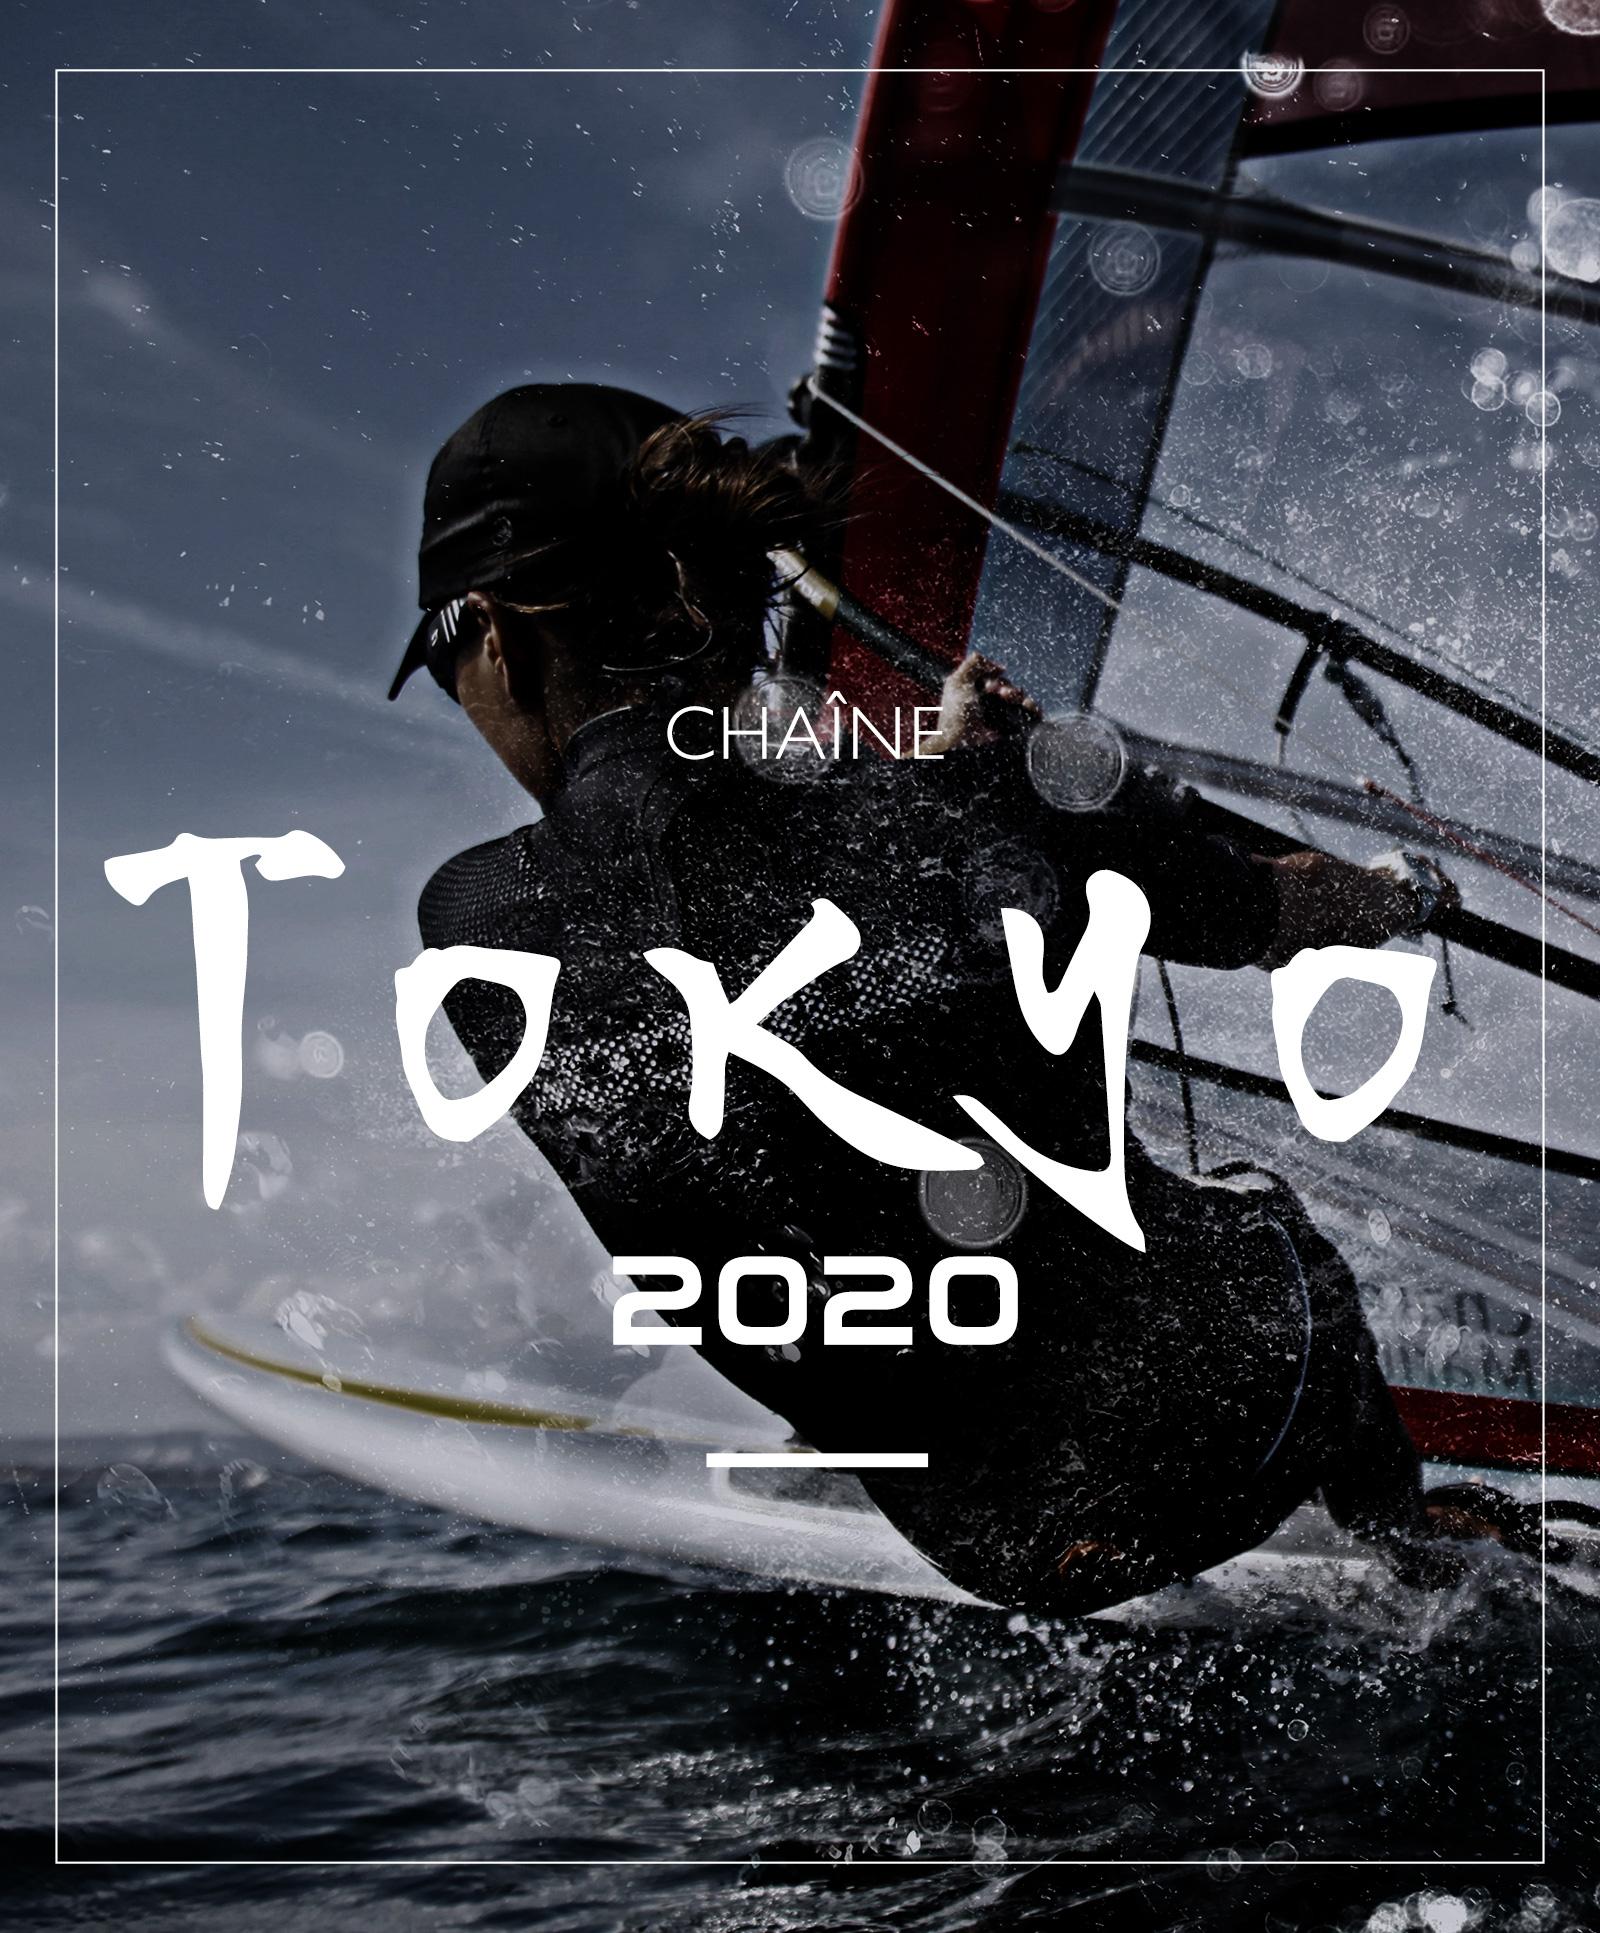 chaine TOKYO 2020